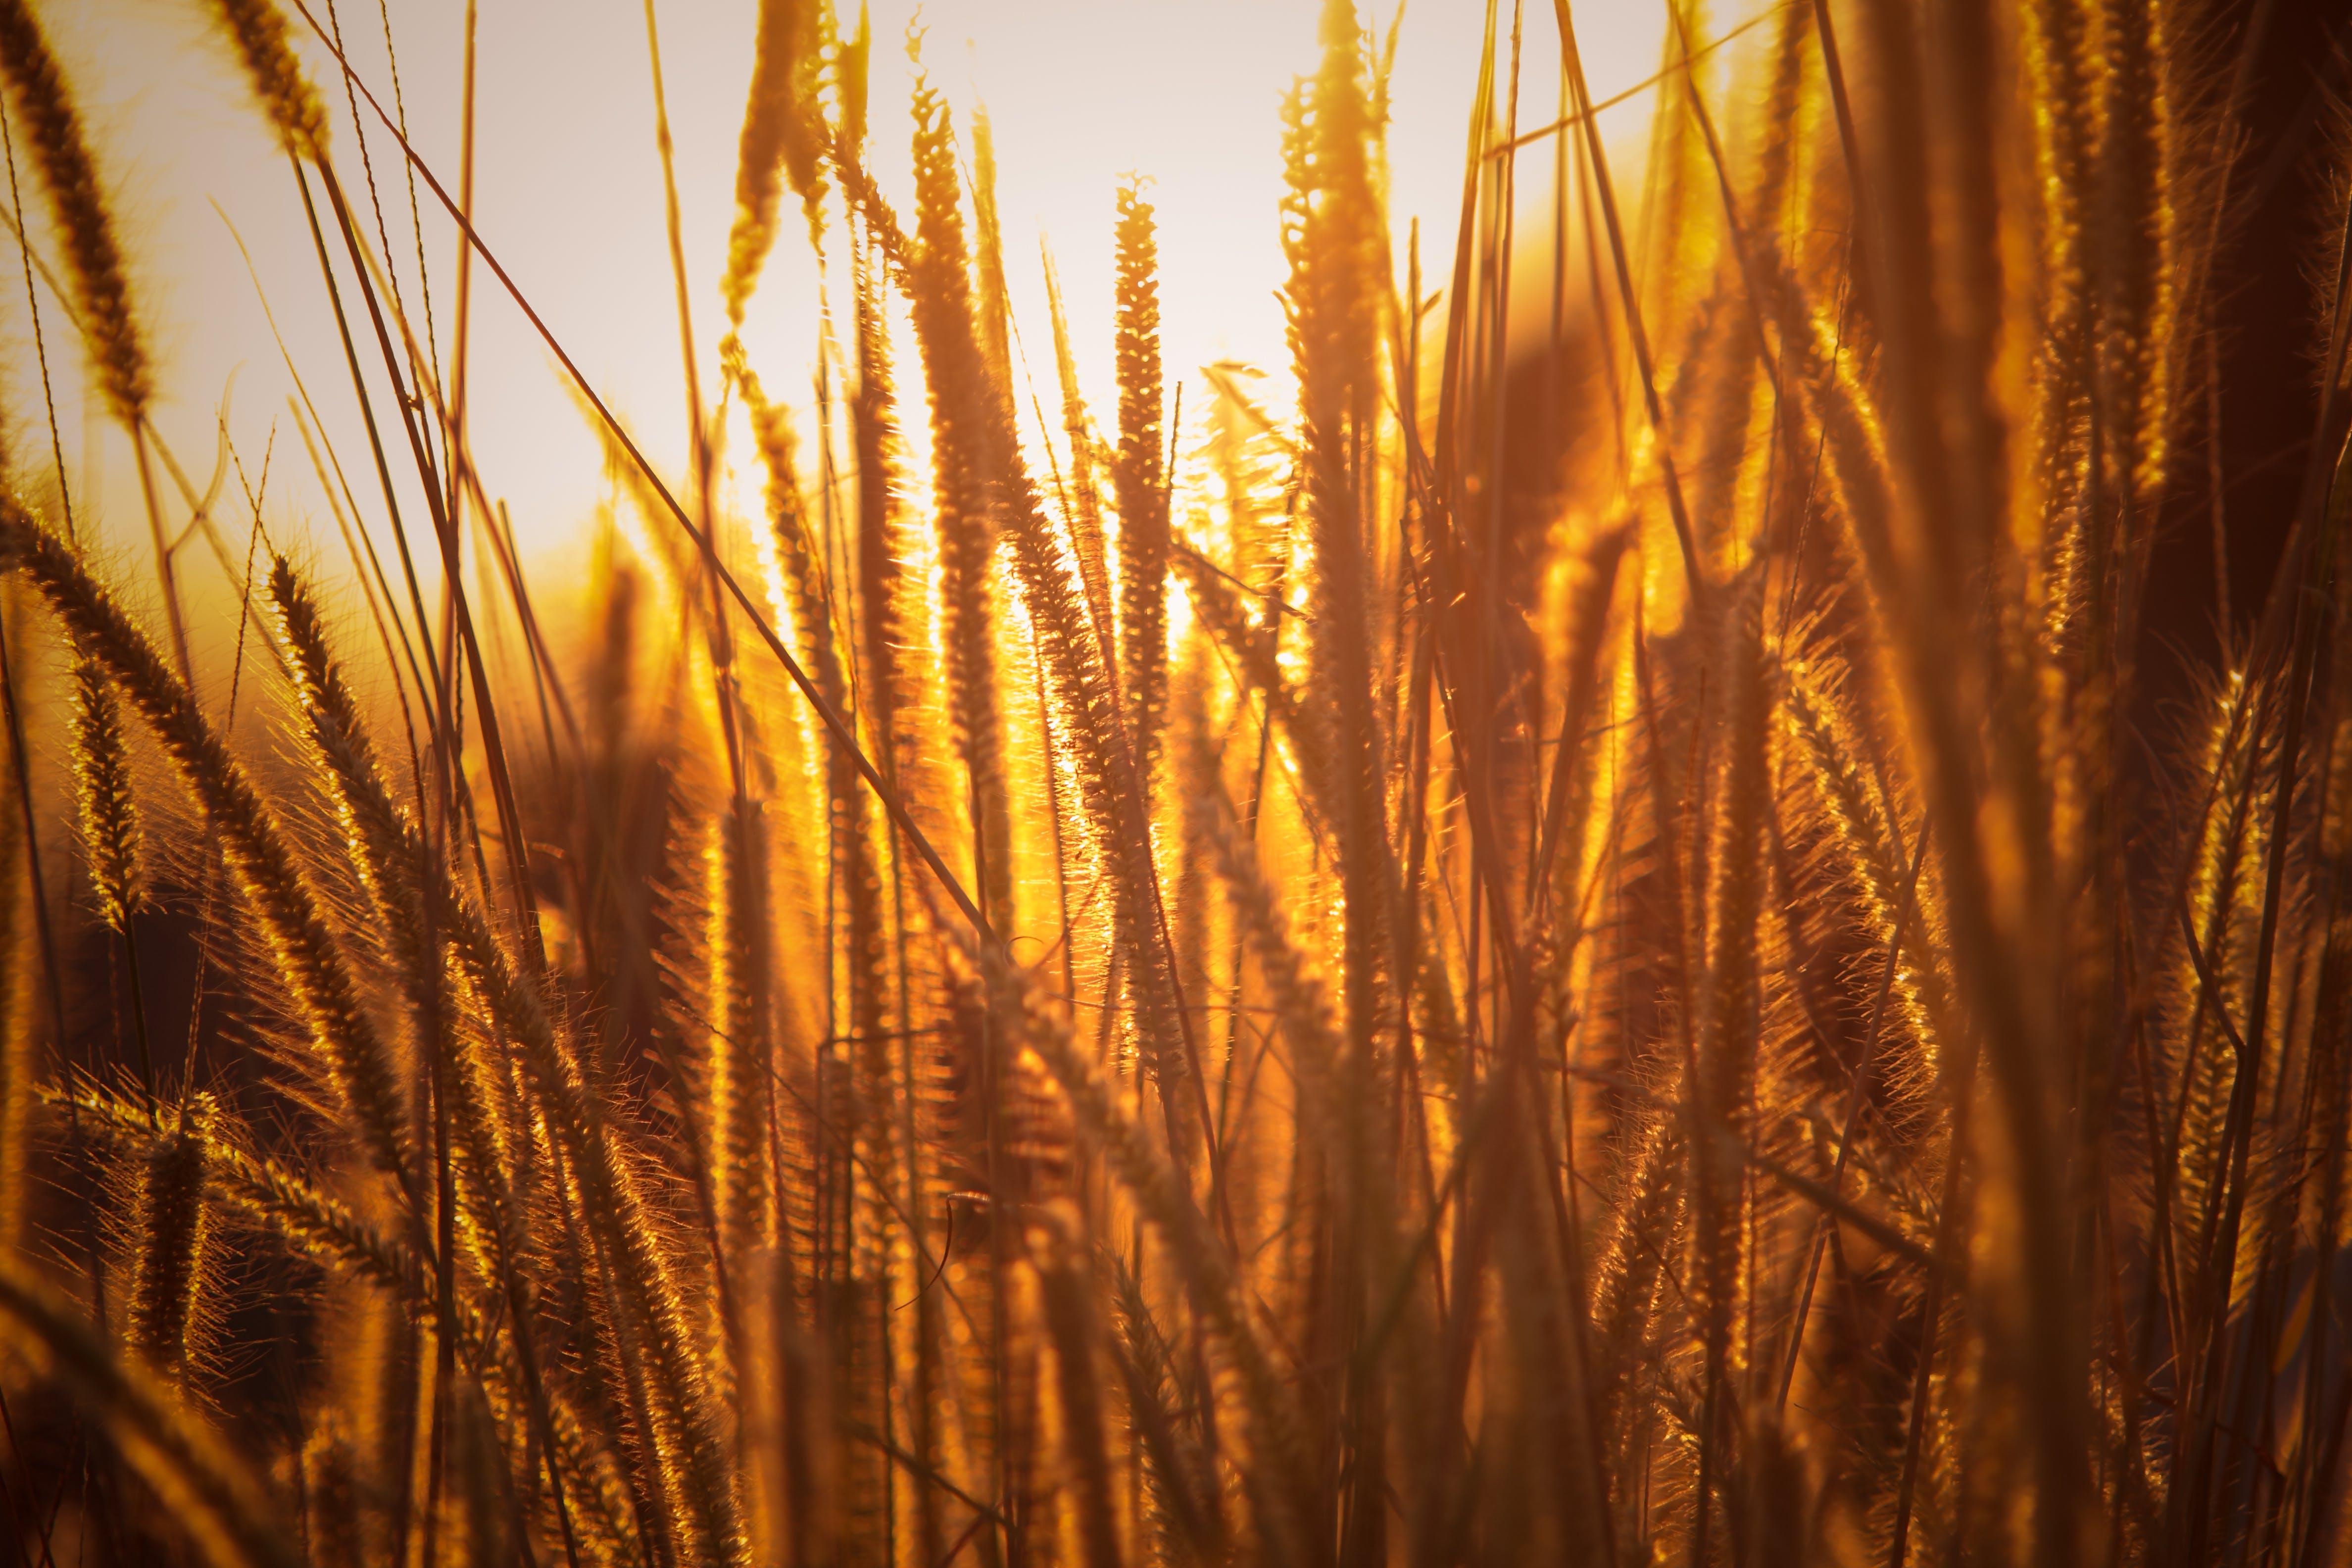 田, 草, 農場, 農田 的 免費圖庫相片